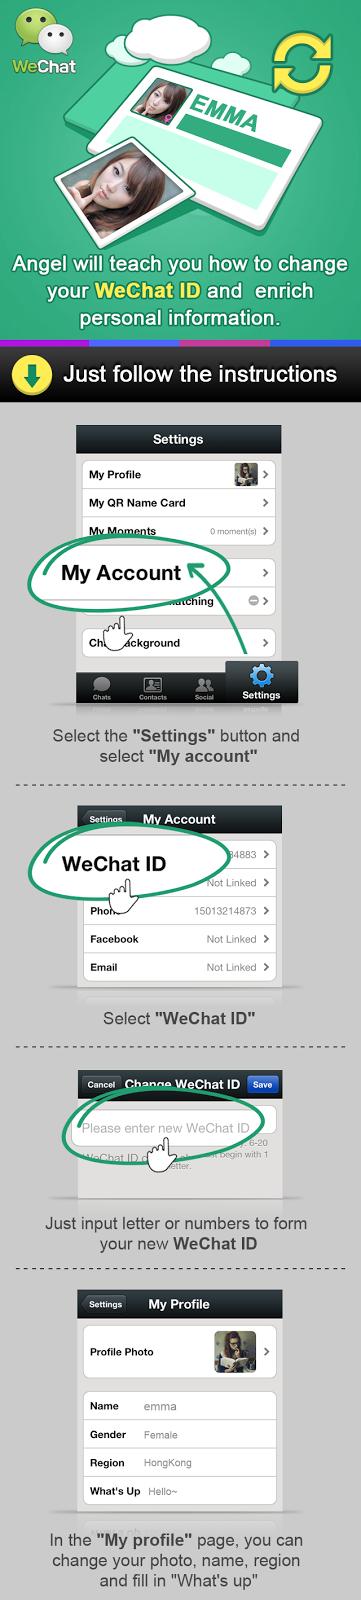 Cara Mengubah WeChat ID